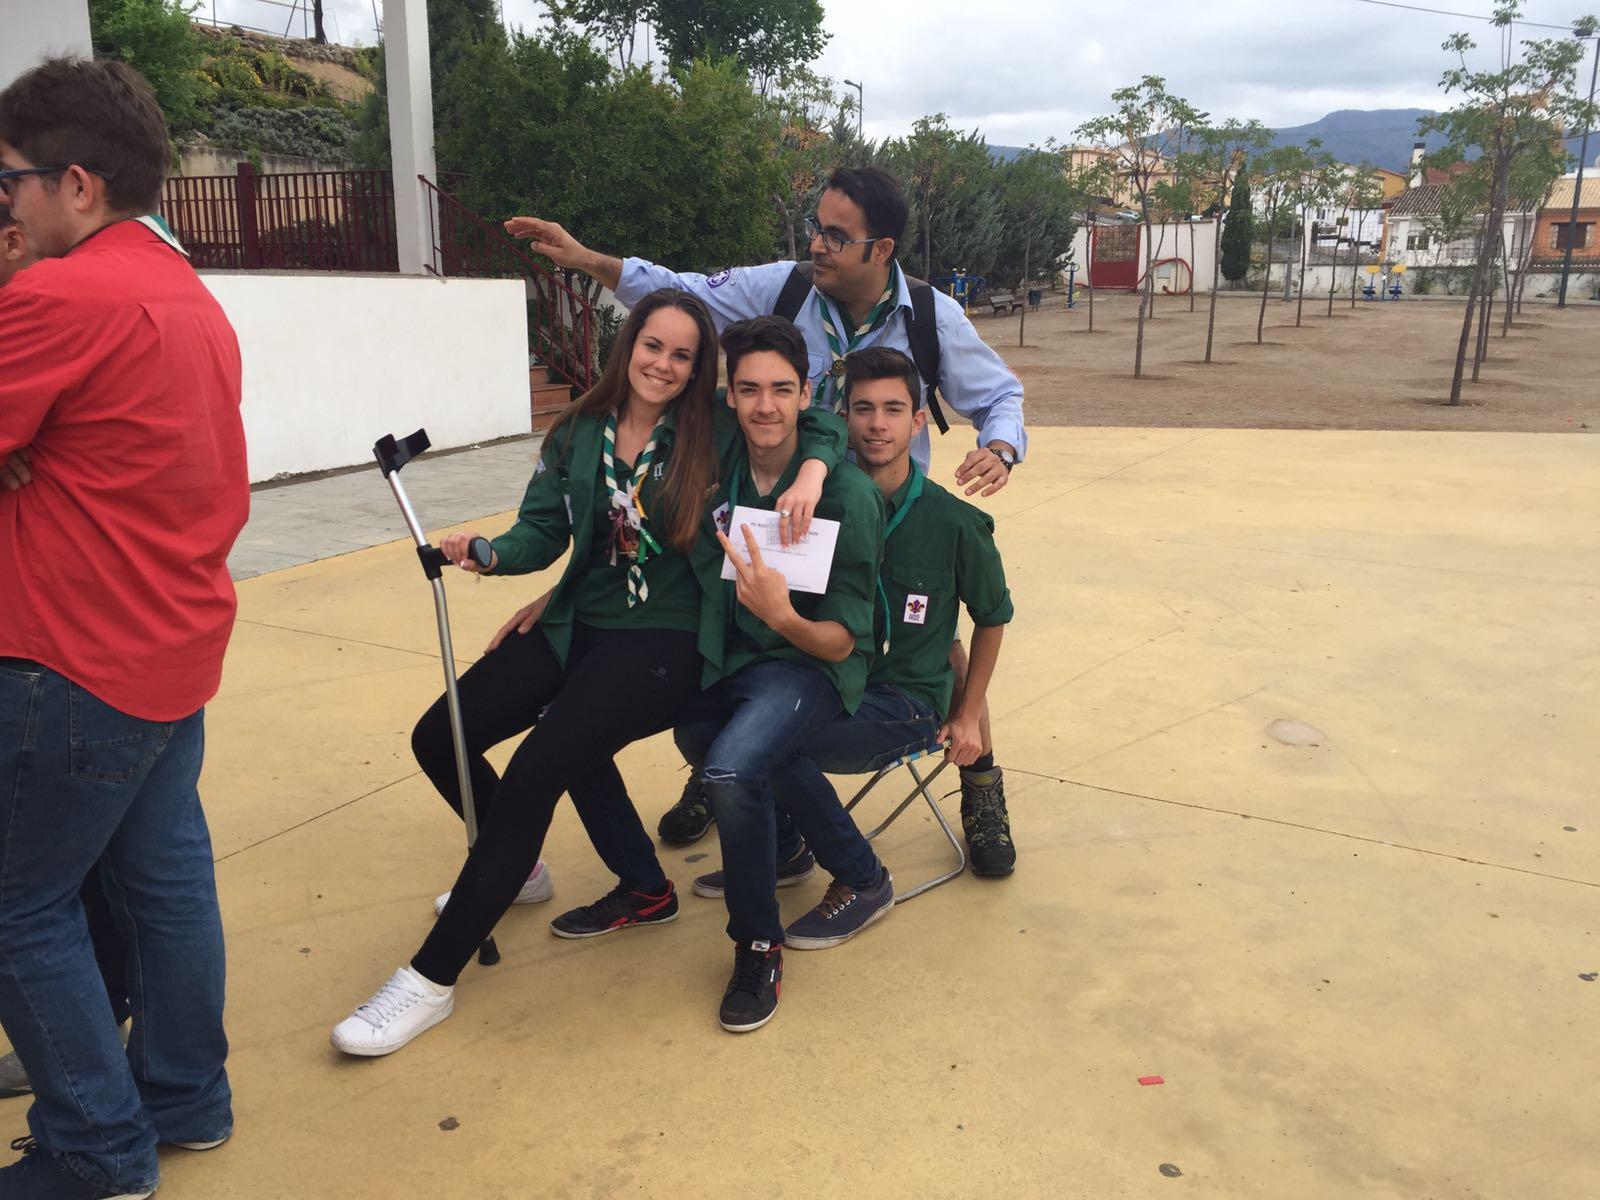 Grupo - Gójar 21 - 15-16